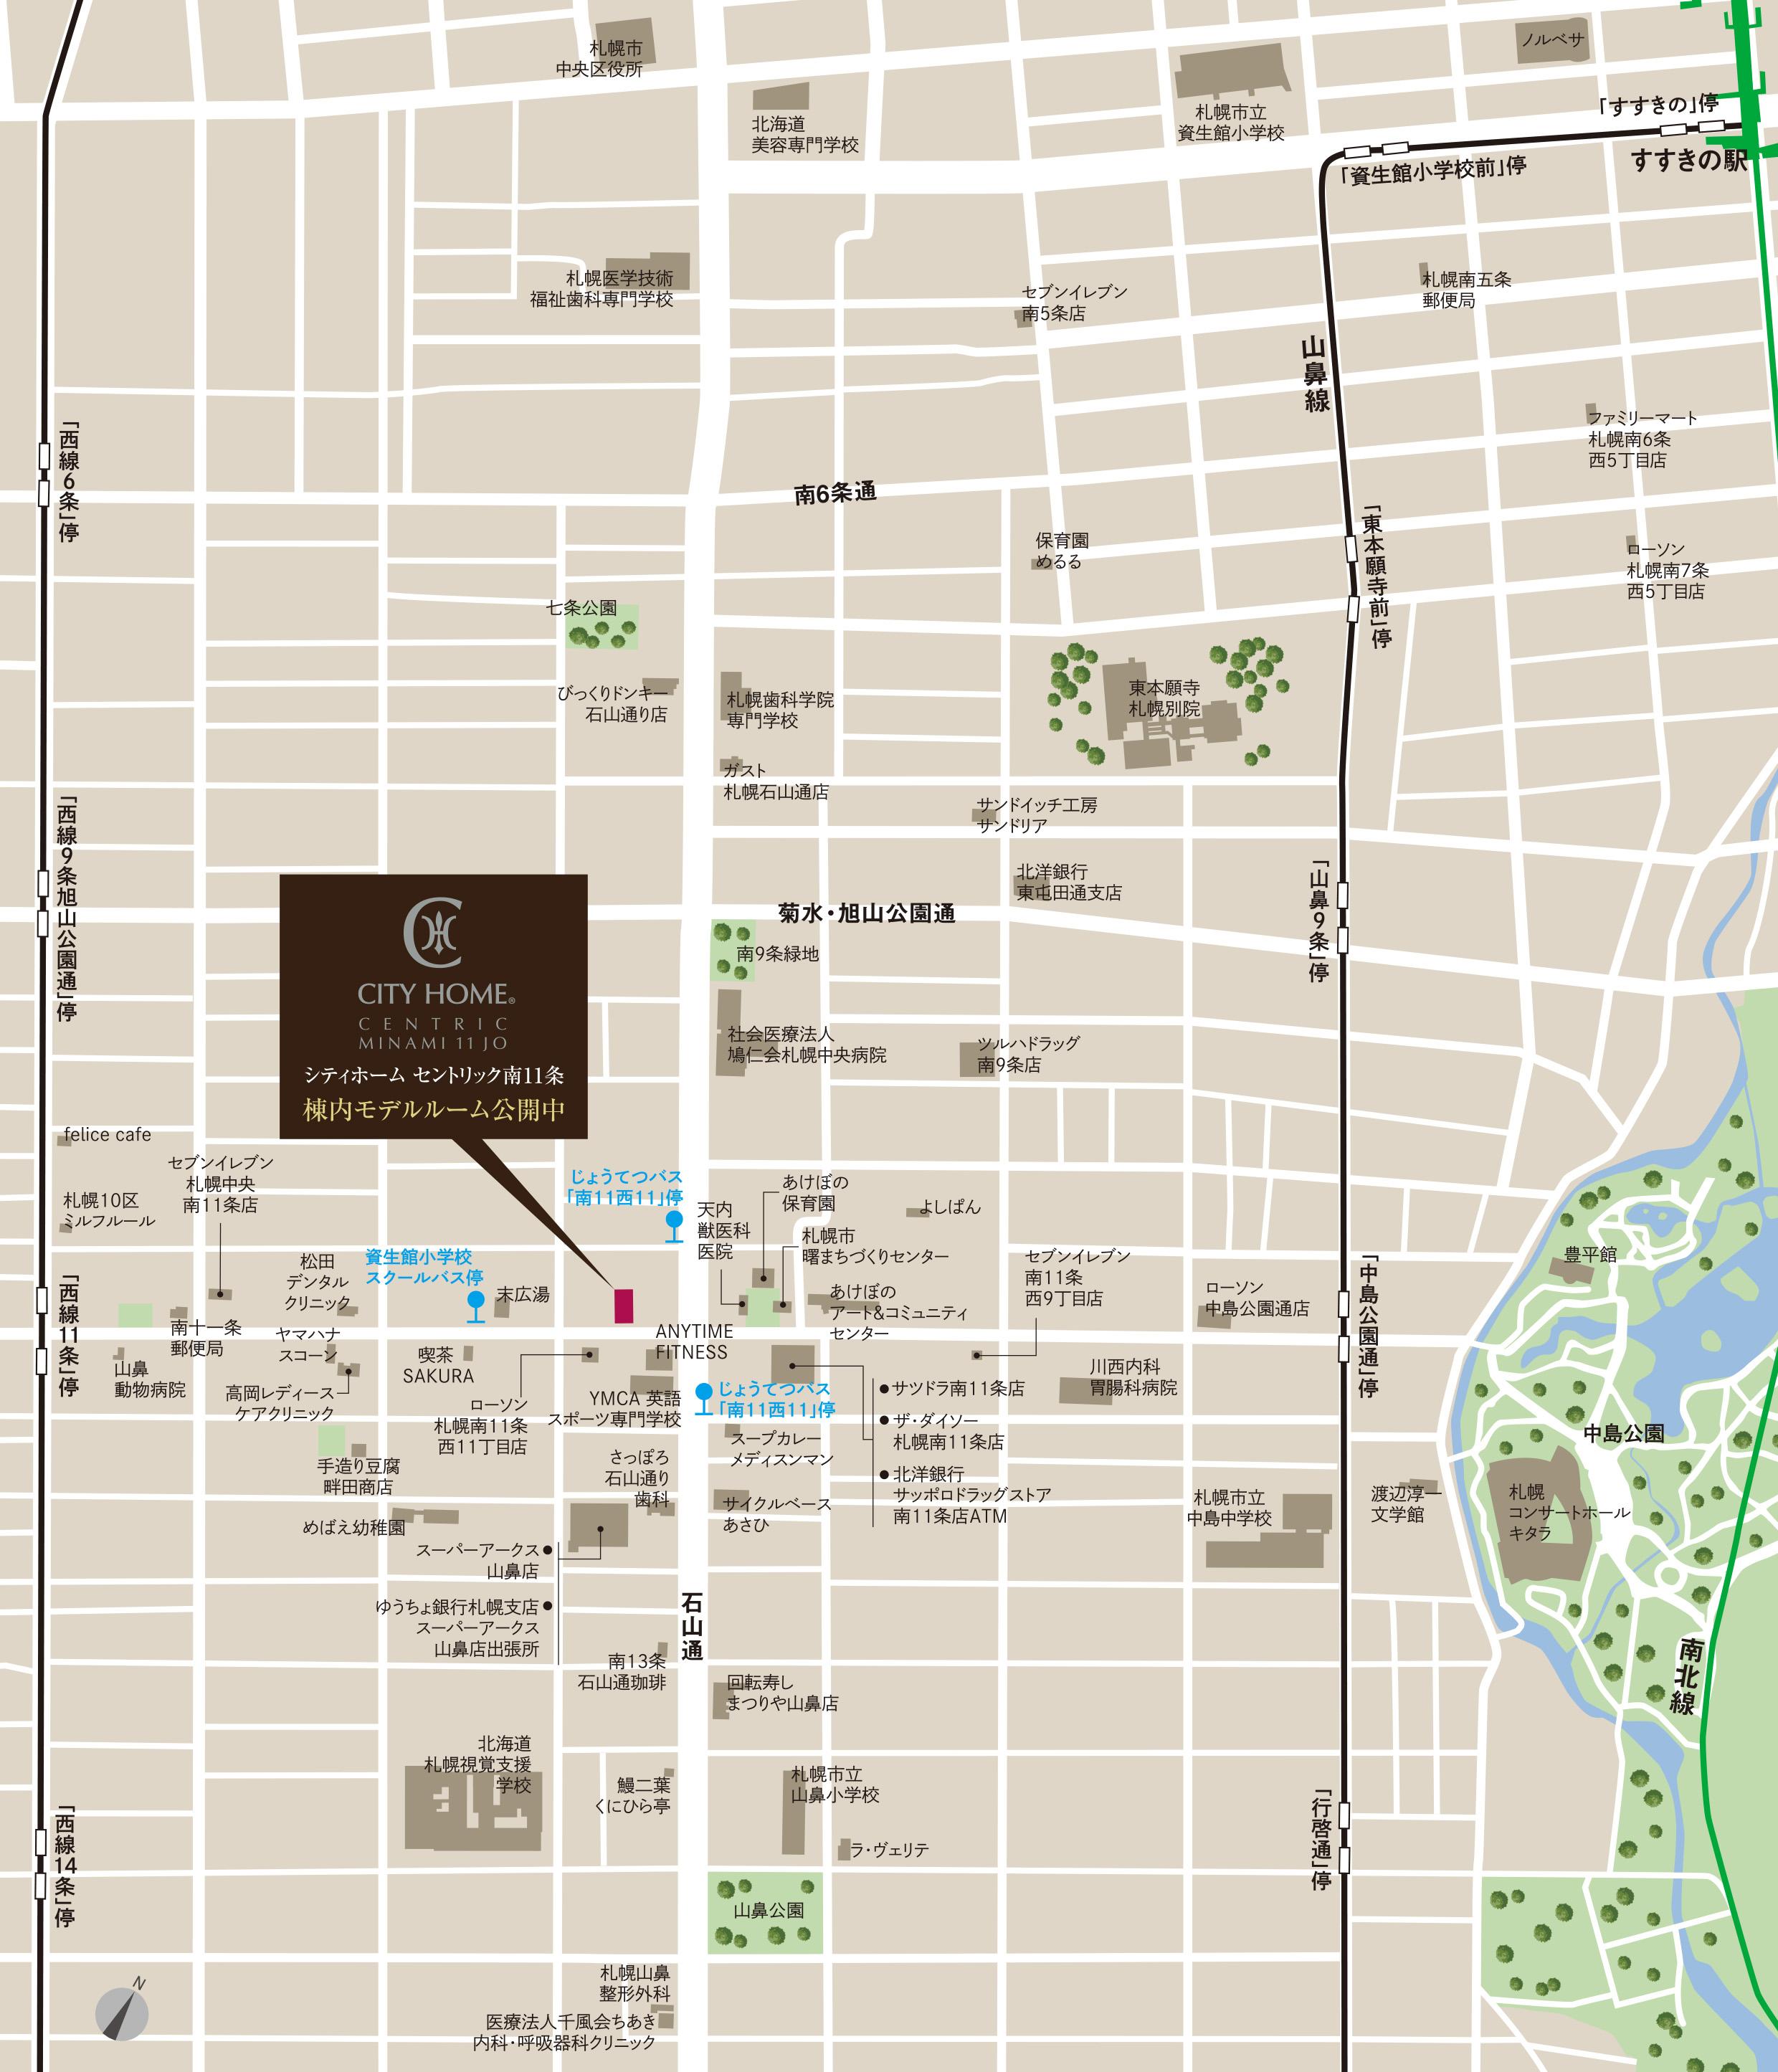 シティホーム セントリック南11条:案内図